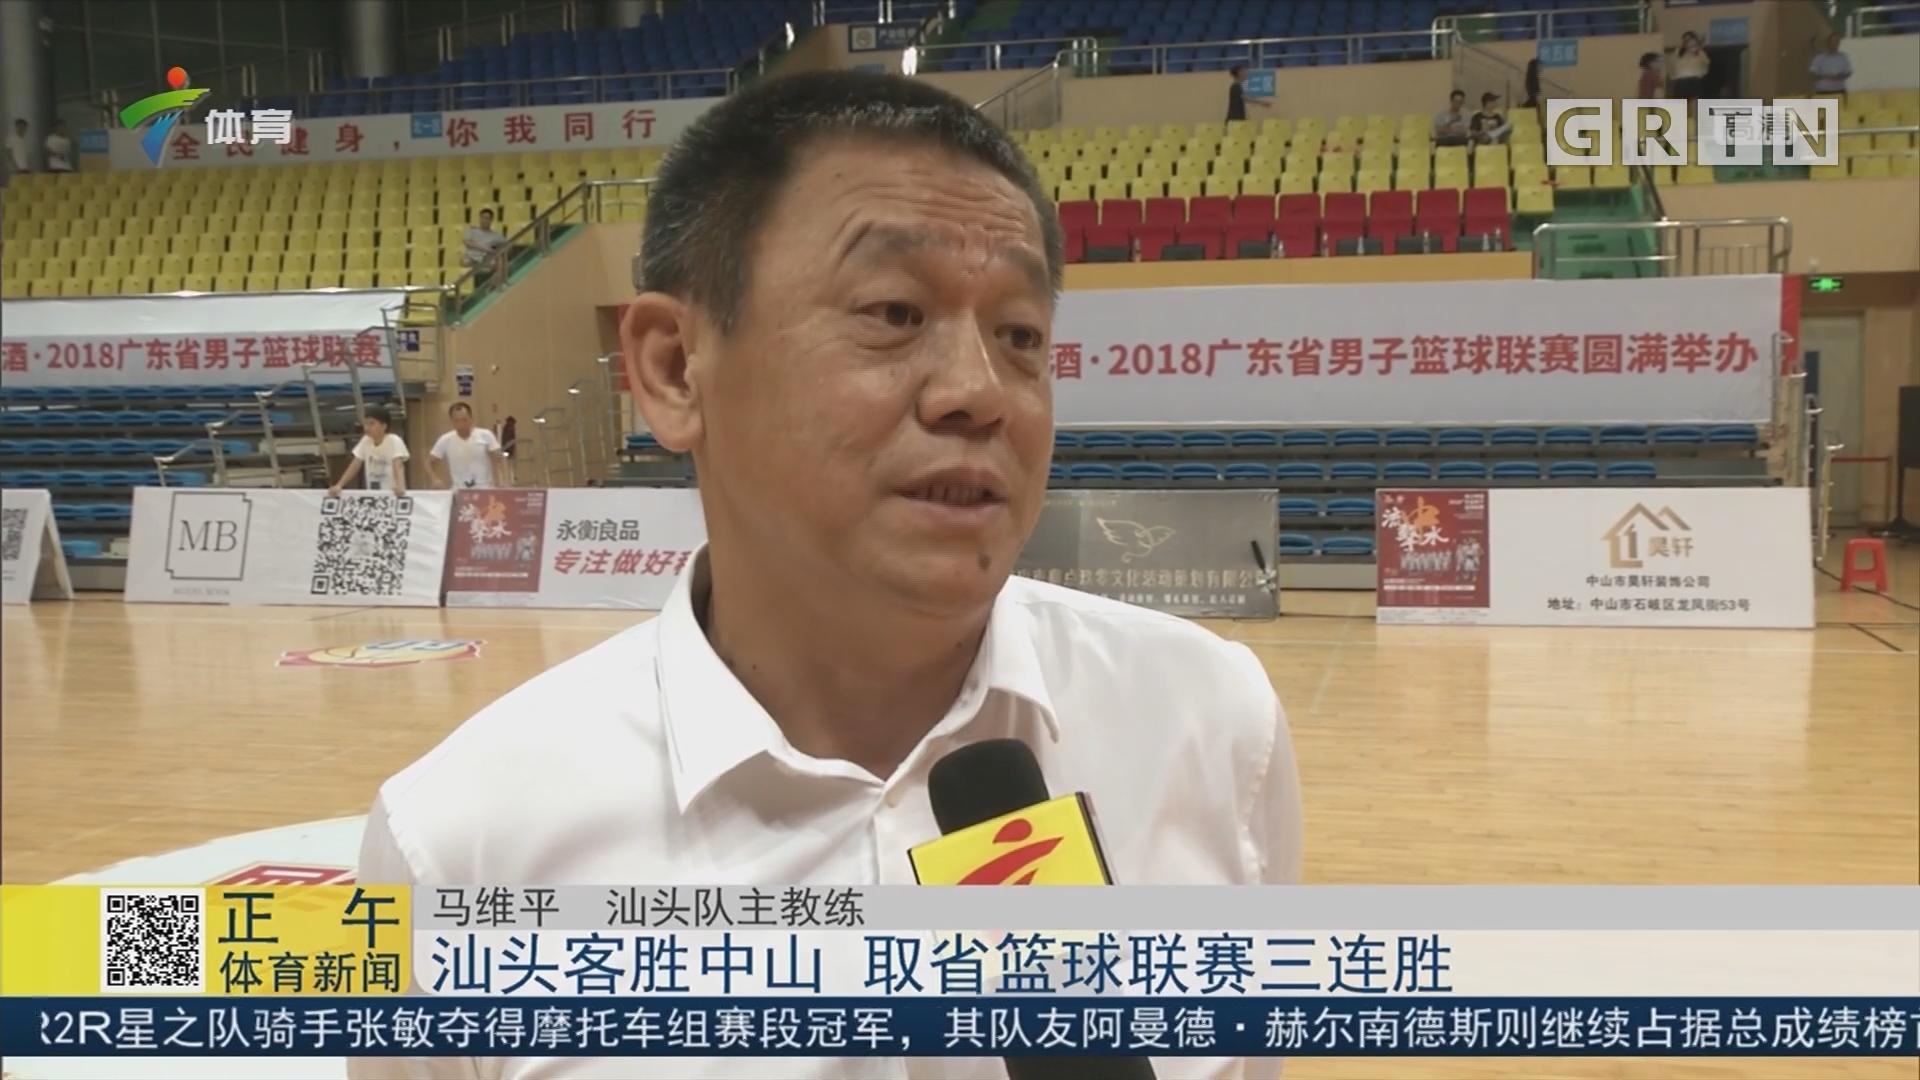 汕头客胜中山 取省篮球联赛三连胜